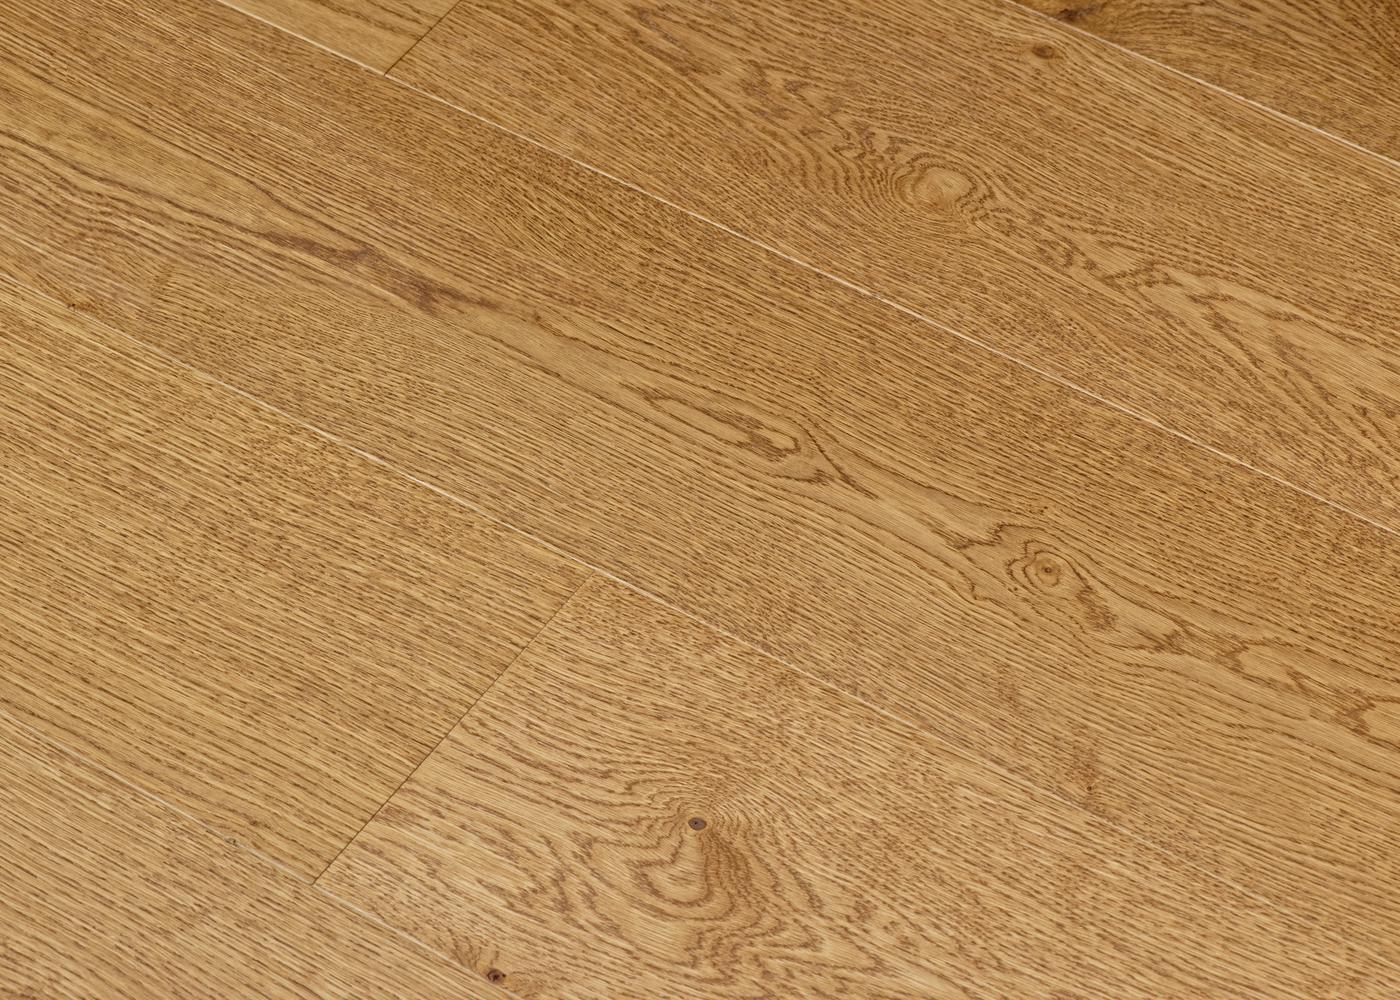 Parquet chêne contrecollé NOCI brossé vernis Select support HDF 10x92x1420